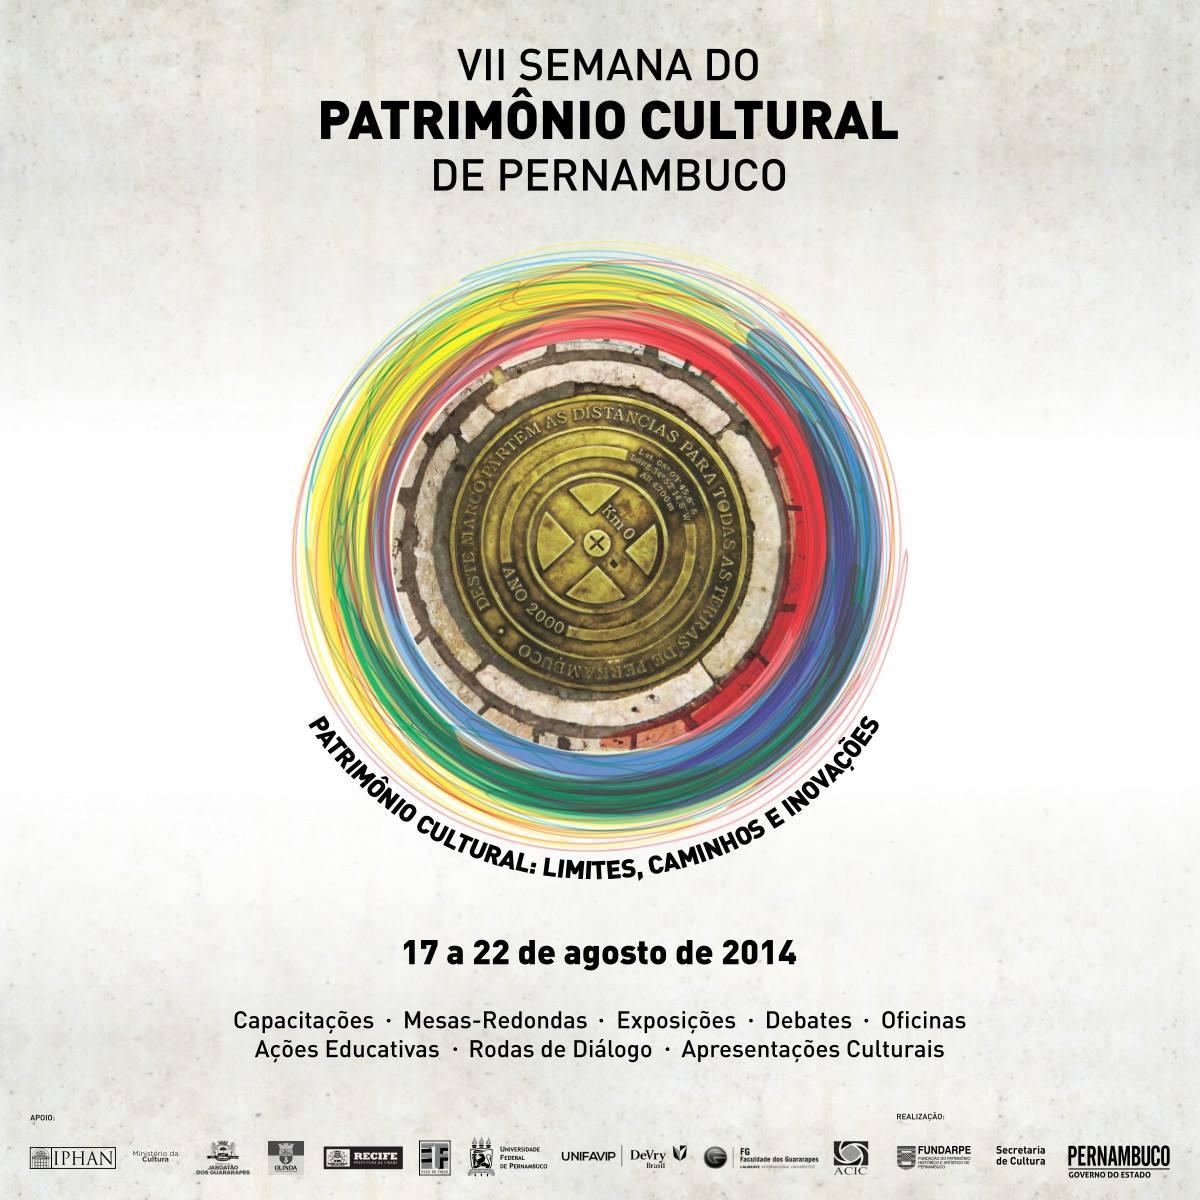 VII Semana do Patrimônio Cultural_17 a 22 agosto 2014